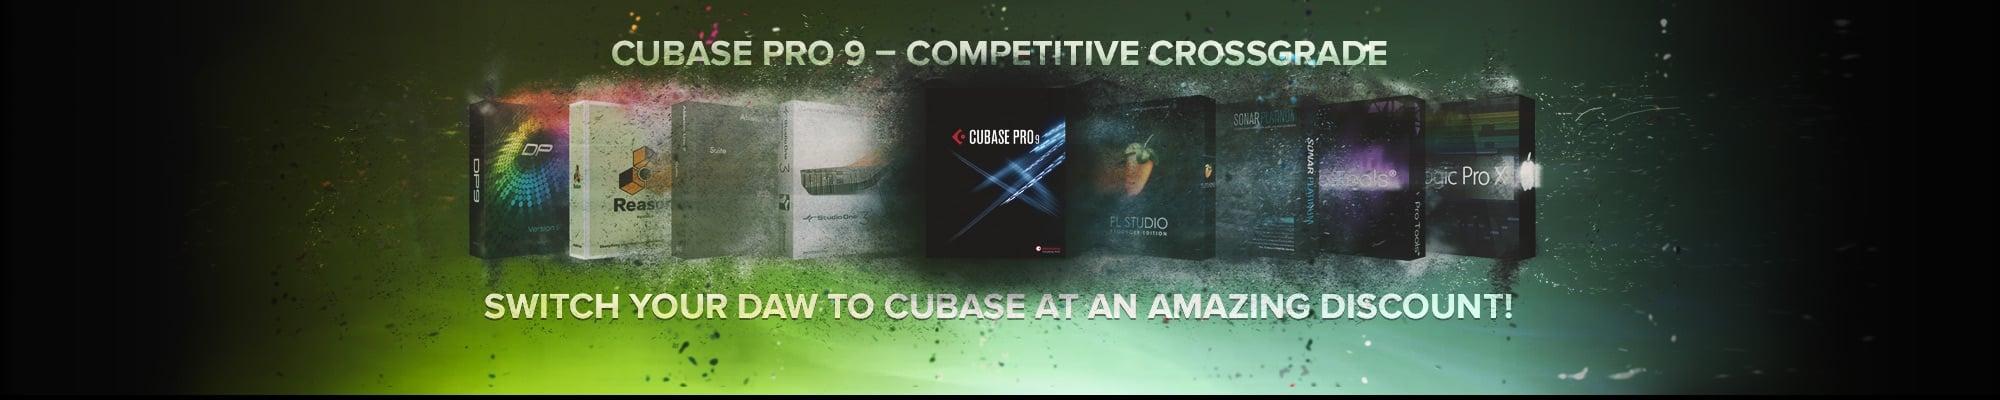 Cubase Pro 9 – Competitive Crossgrade